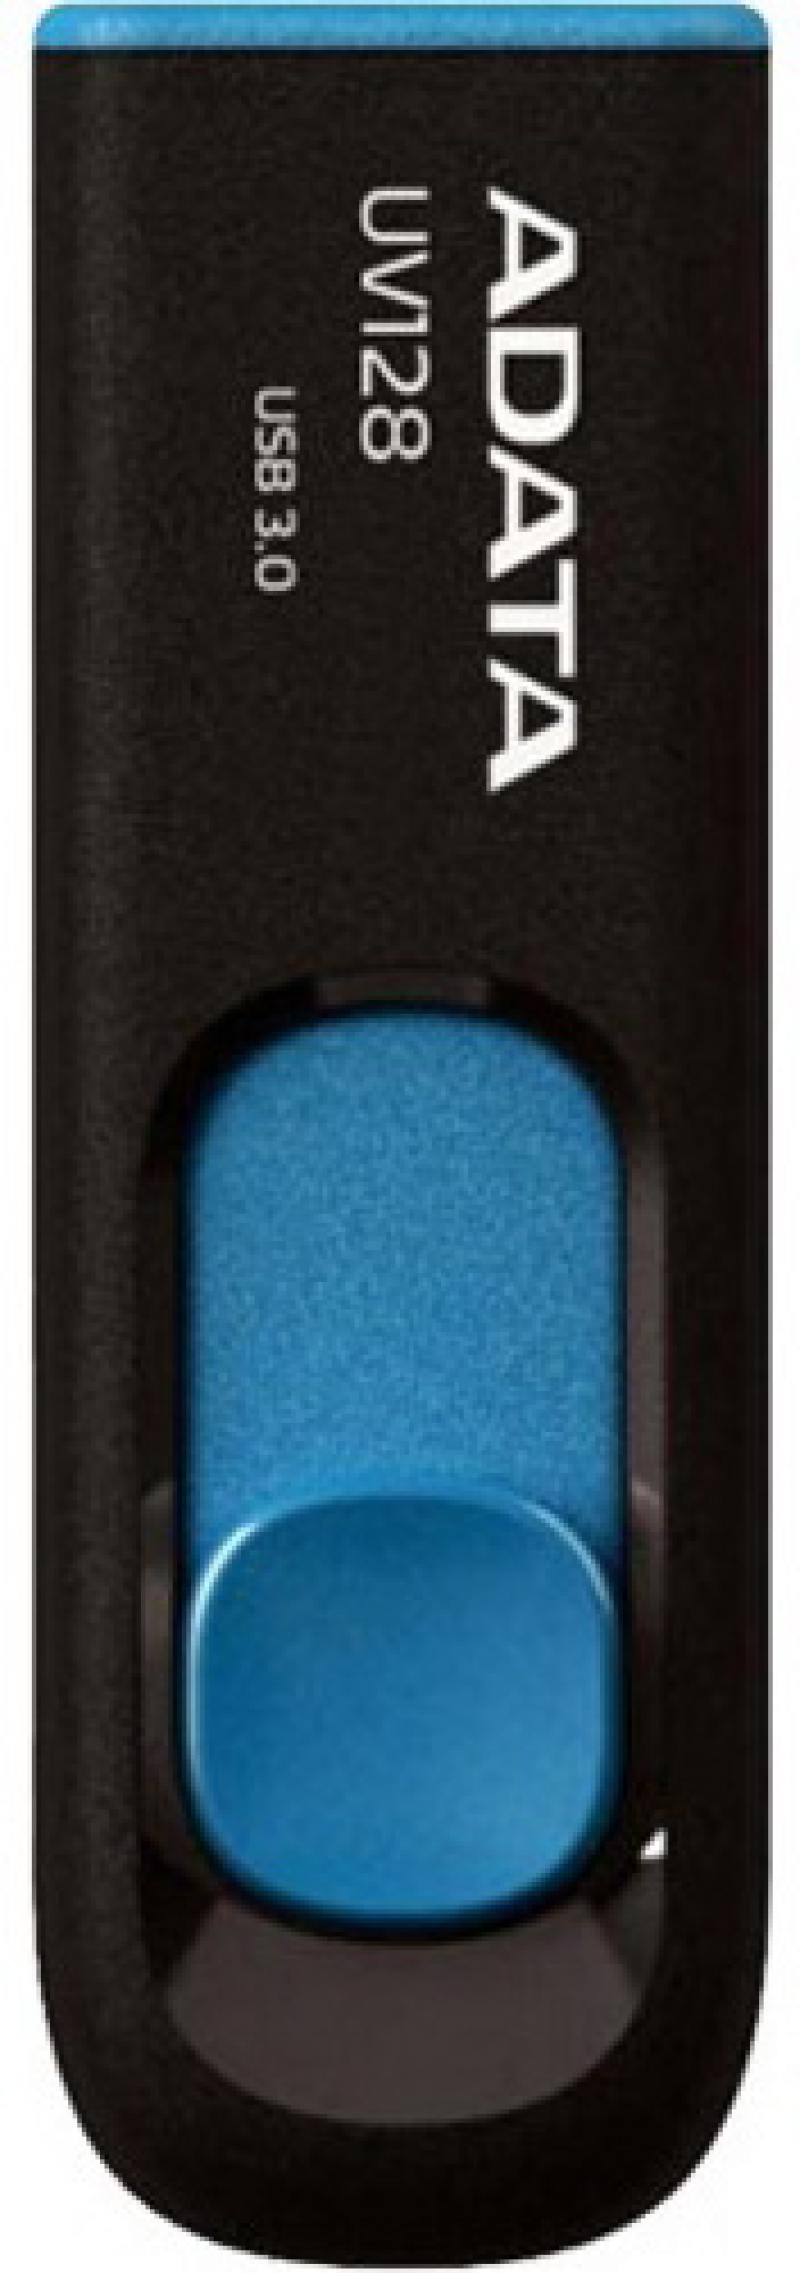 Флешка USB 64Gb A-Data UV128 USB3.0 AUV128-64G-RBE синий флешка adata a data dashdrive uv128 32гб черный синий пластик usb 3 0